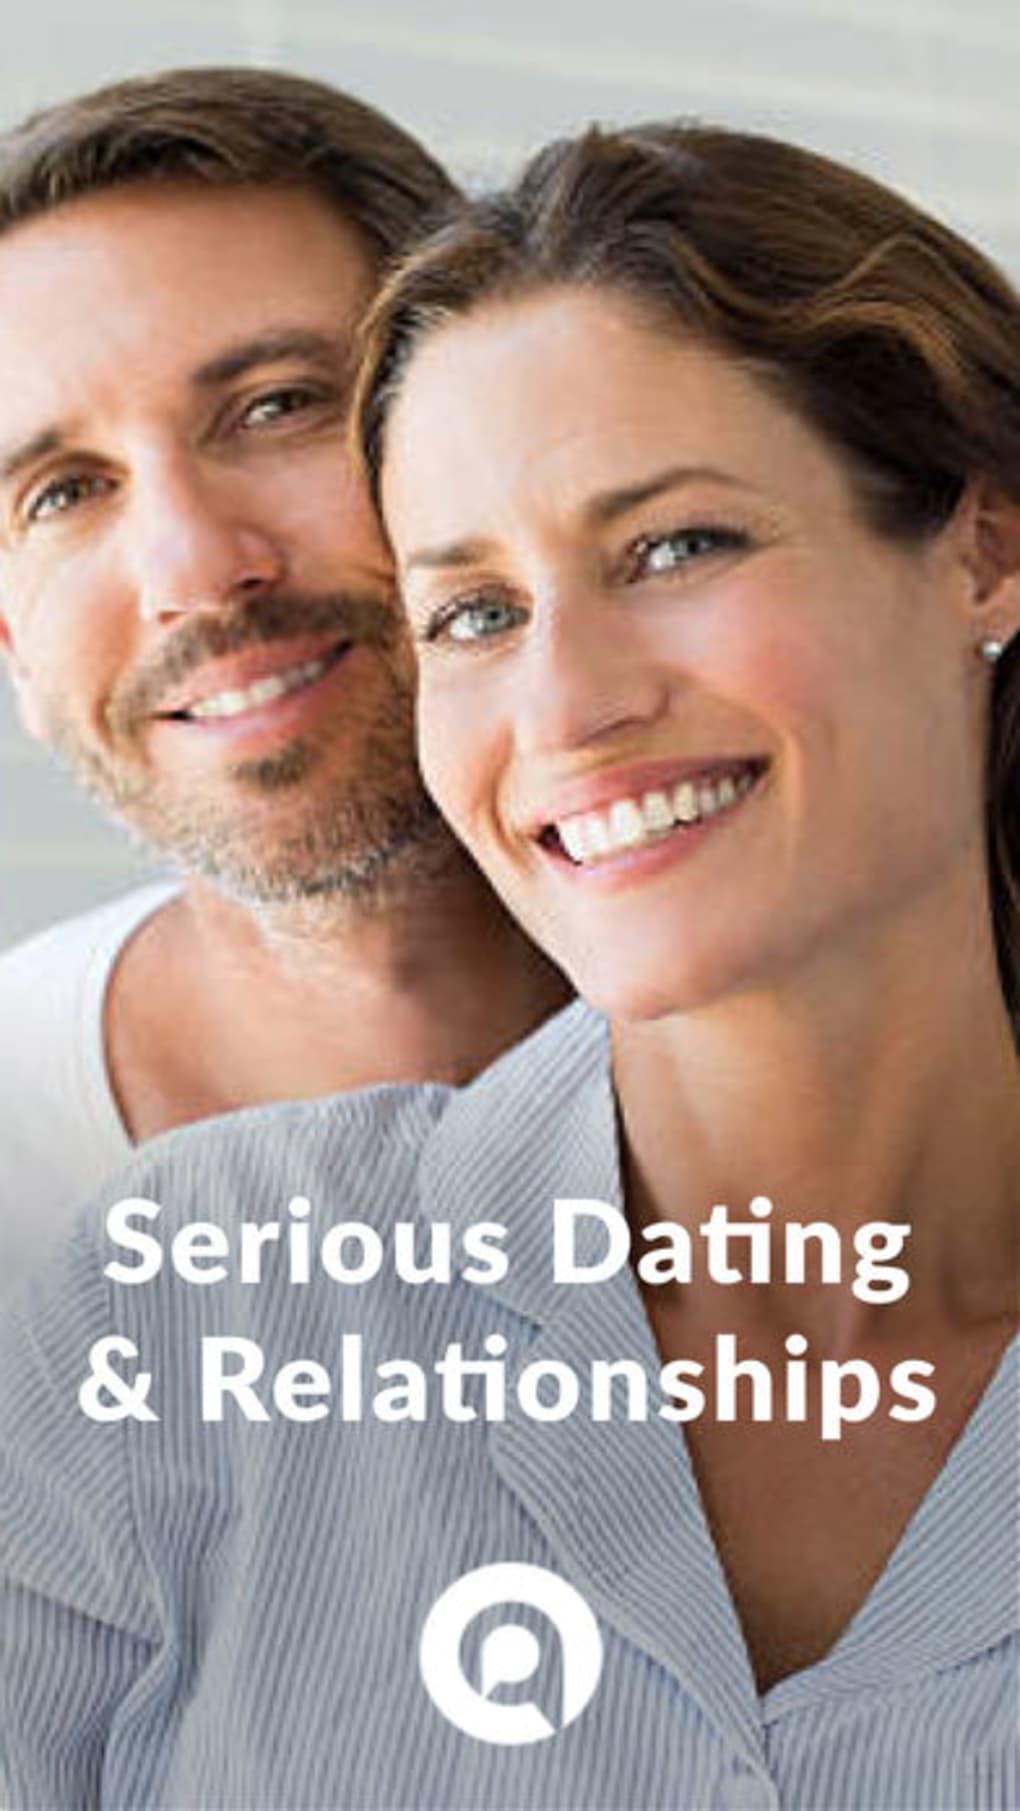 nopeus dating N1